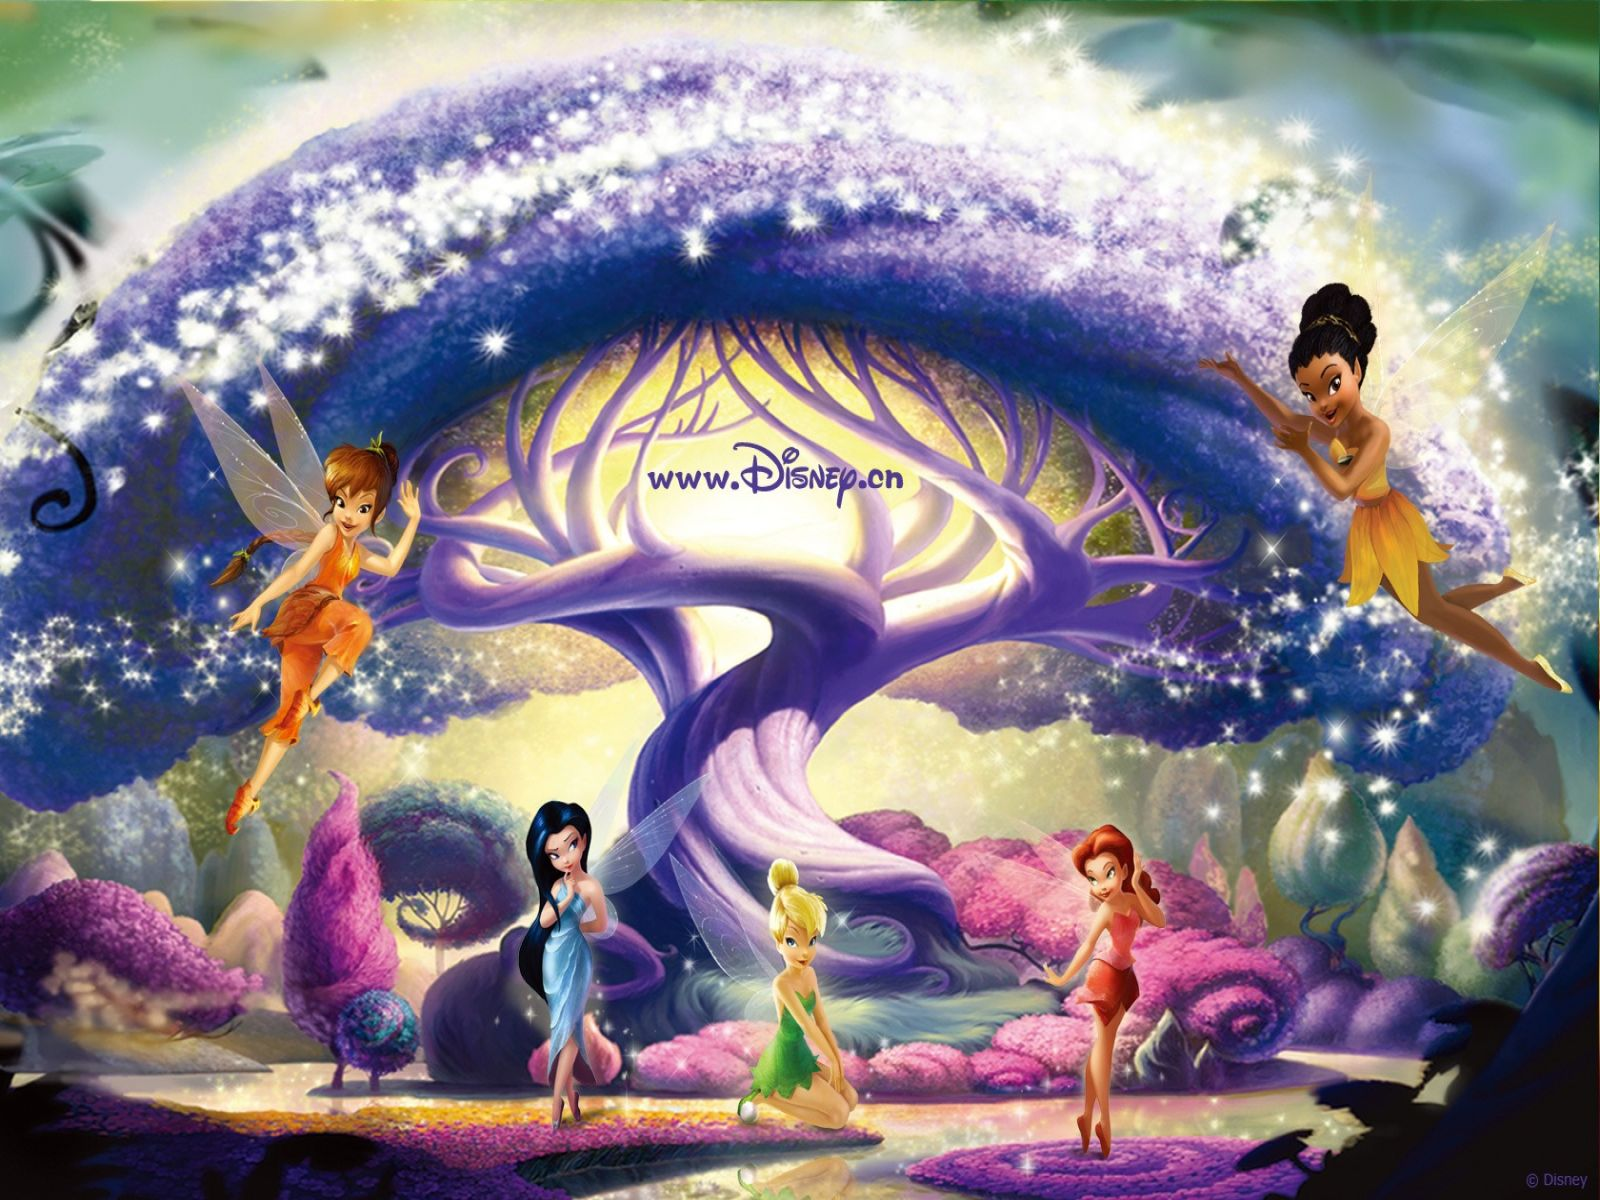 Disney Cartoon Desktop Wallpaper Download HD Wallpapers 1600x1200